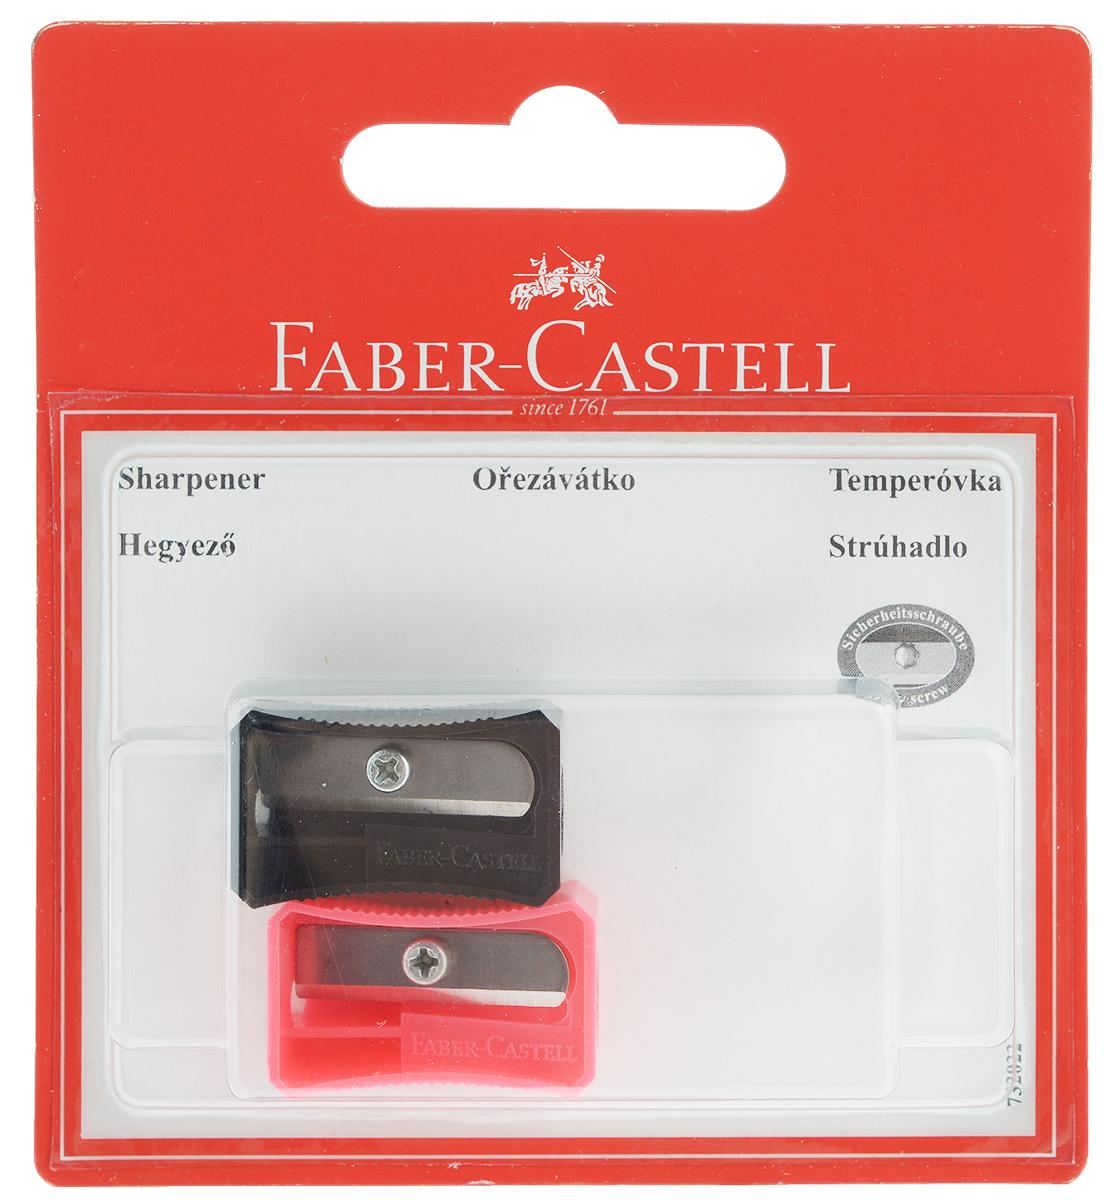 Faber-Castell Точилка цвет черный розовый 2 шт263221_черный, розовыйНабор точилок Faber-Castell предназначен для затачивания классических простых и цветных карандашей. В наборе две точилки из прочного пластика с рифленой областью захвата. Острые стальные лезвия обеспечивают высококачественную и точную заточку деревянных карандашей.